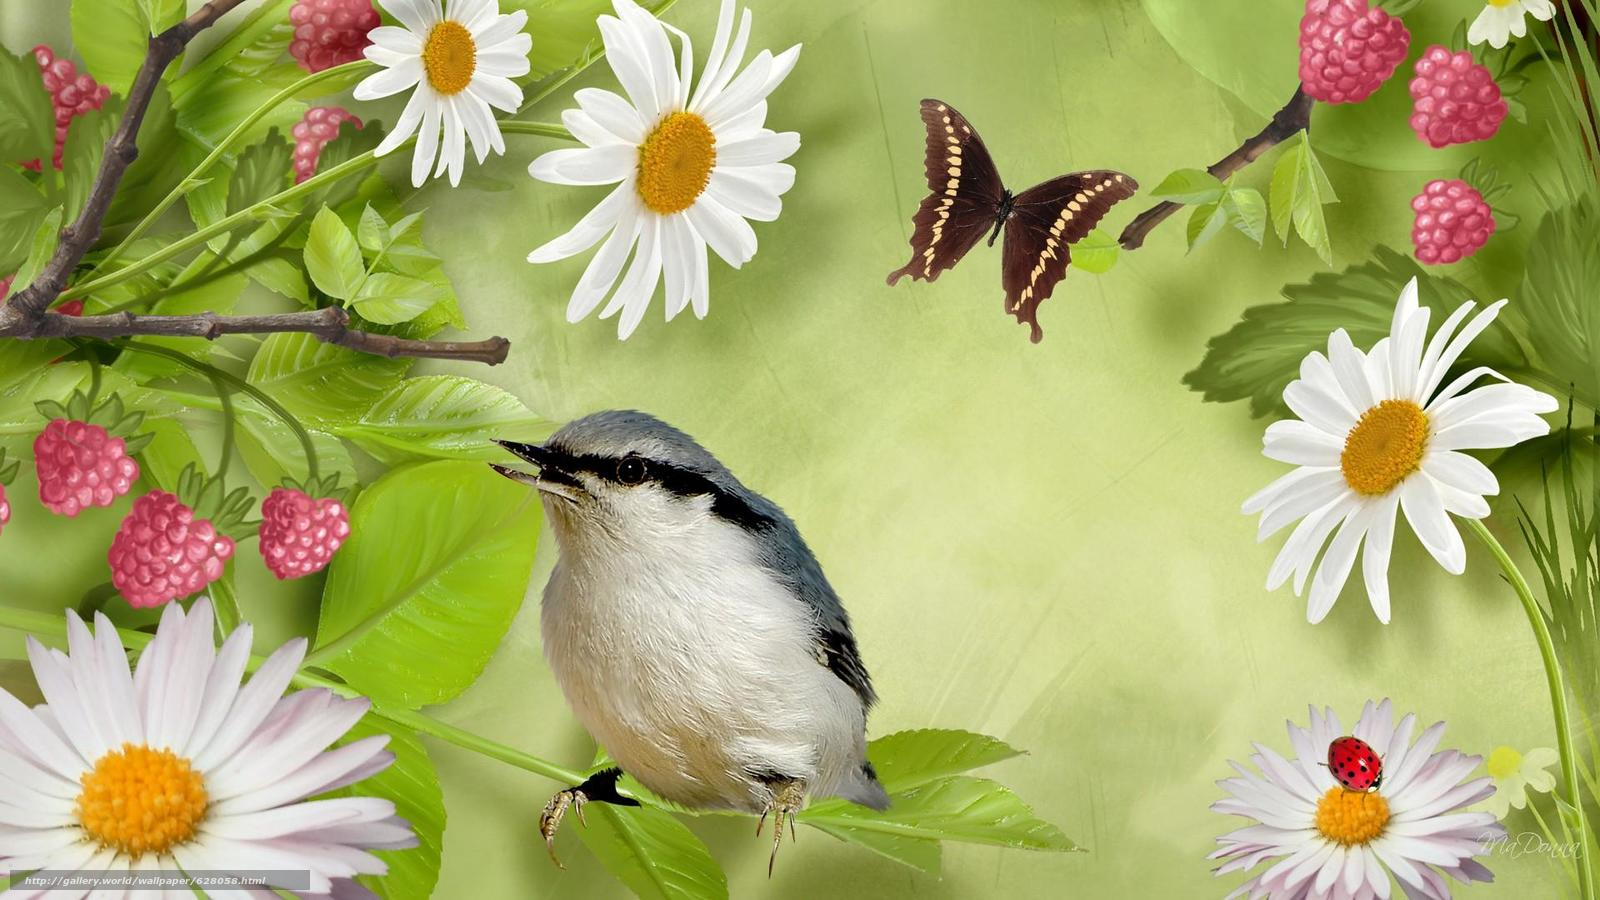 птица, бабочка, цветы